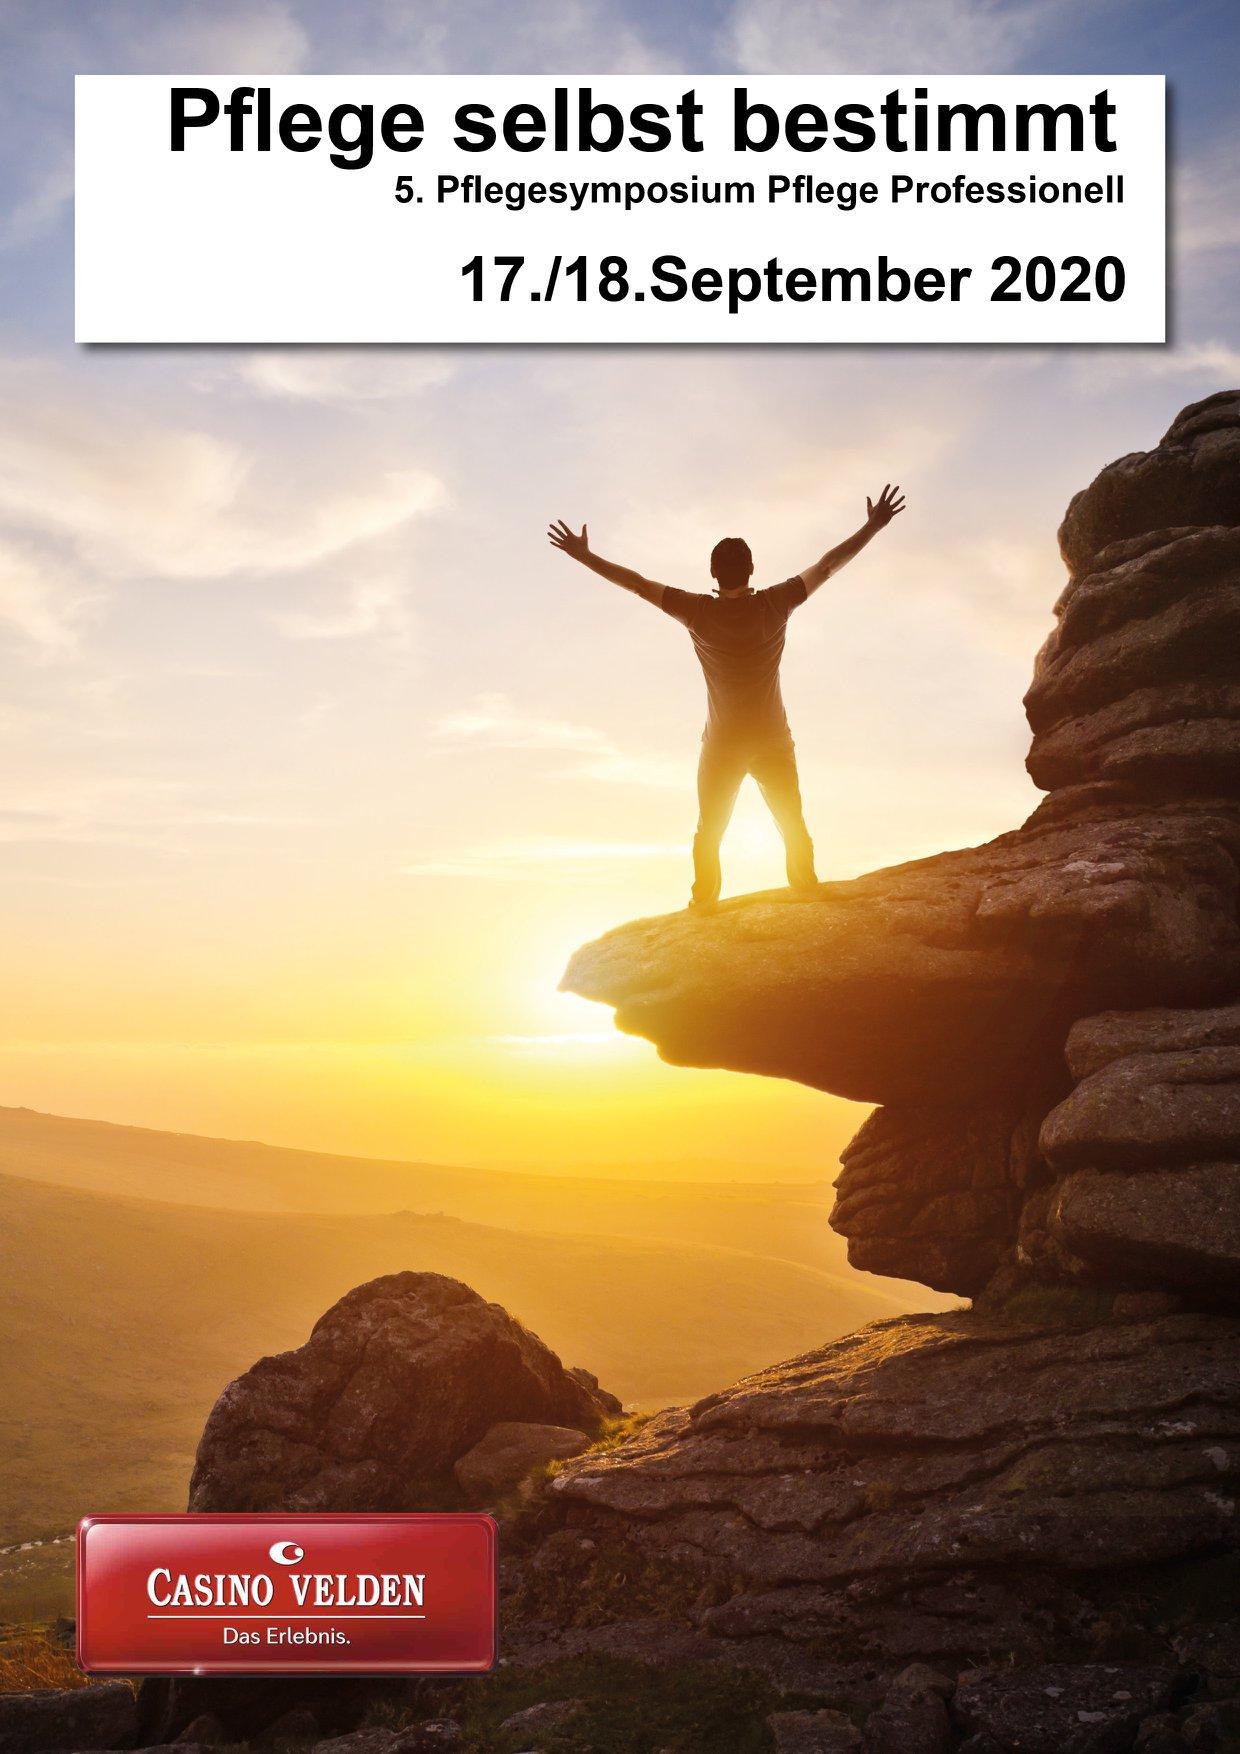 5. Pflege-Symposium: Pflege selbst bestimmt